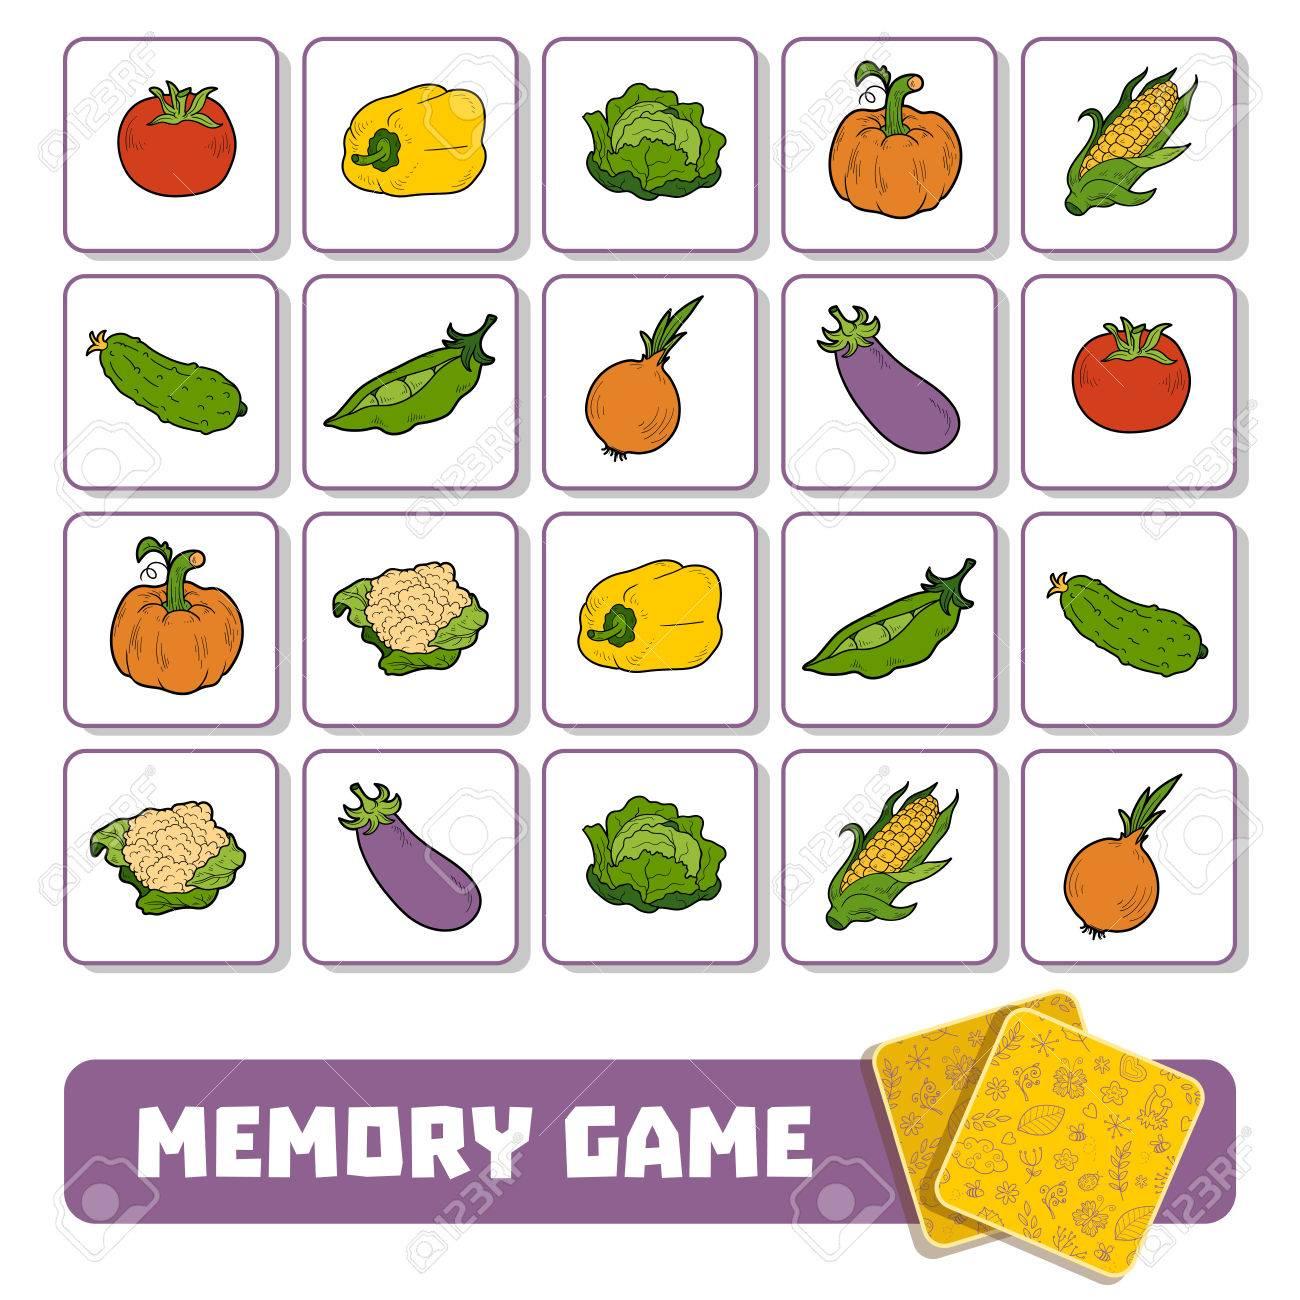 Jeu De Mémoire Pour Les Enfants D'âge Préscolaire, Des Cartes Vectorielles  Avec Des Légumes pour Jeux Memoire Enfant